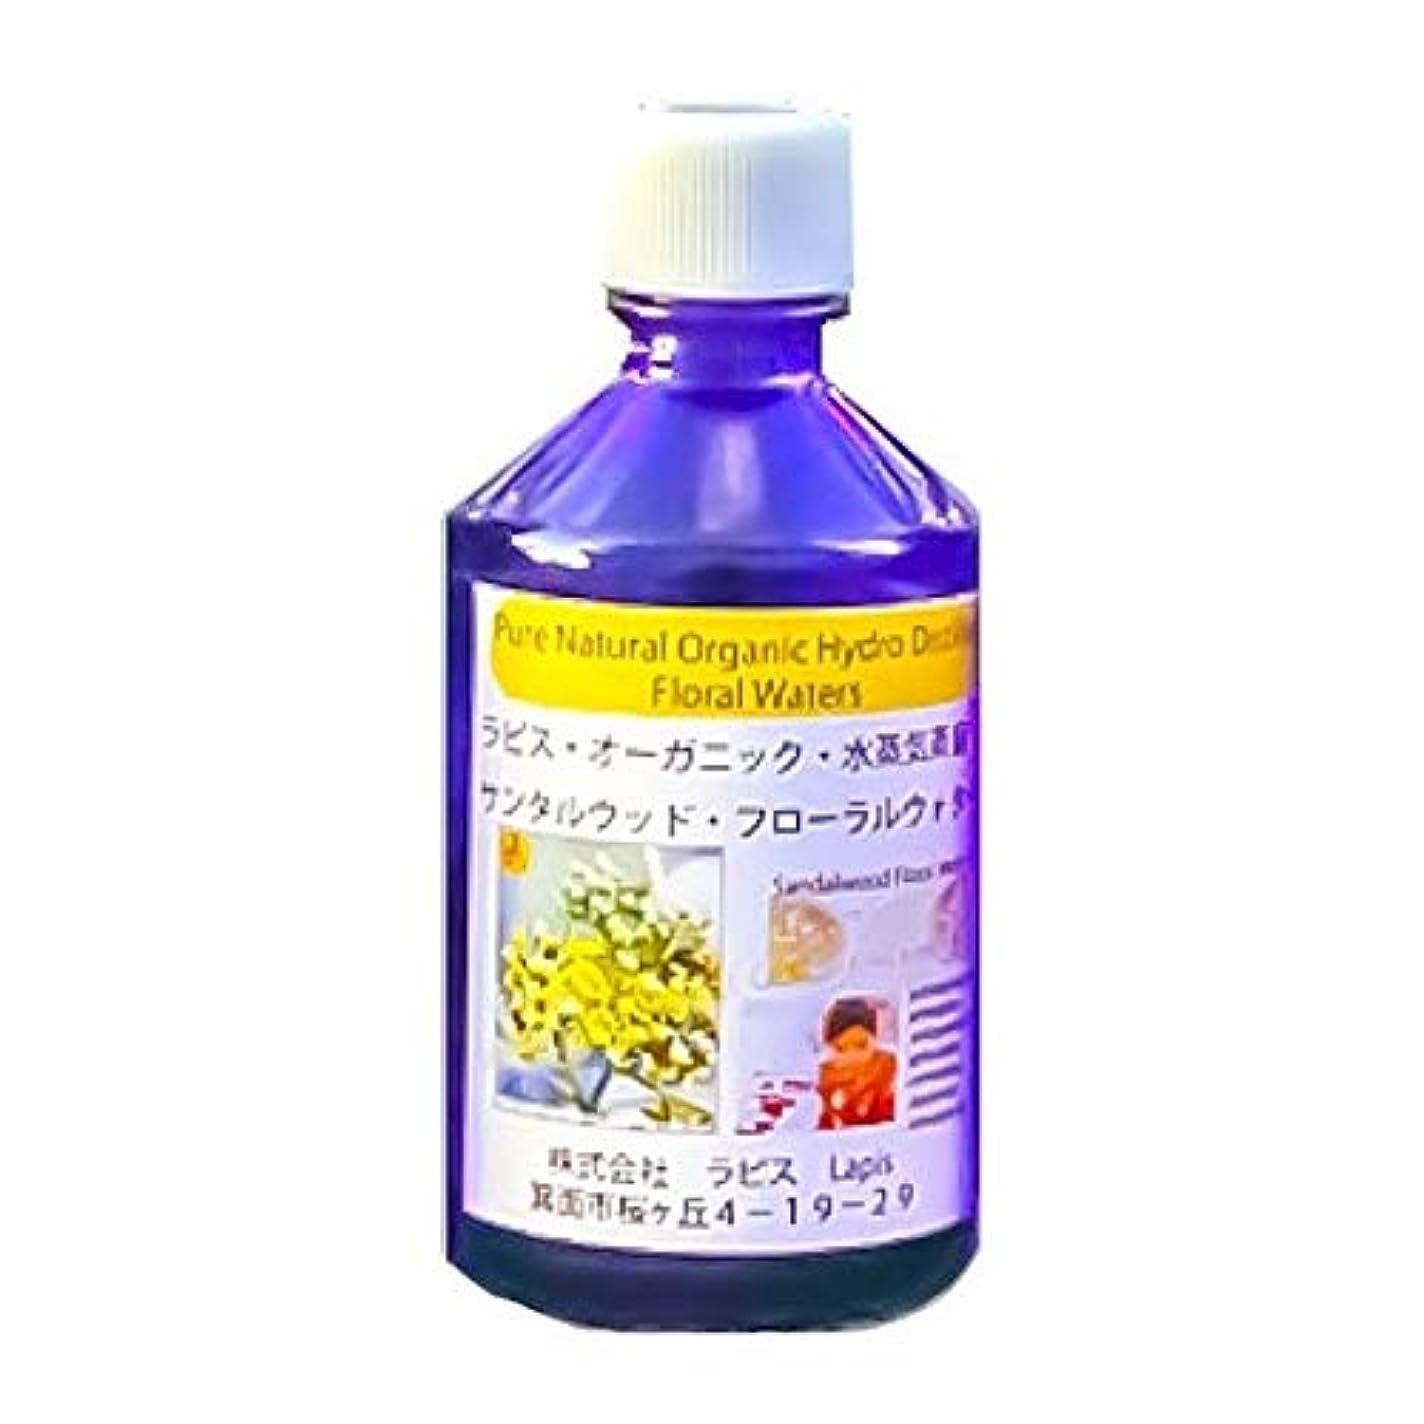 布厳しいふつうサンダルウッドフローラルウォーター [Sandalwood Floral Water] (100mL)